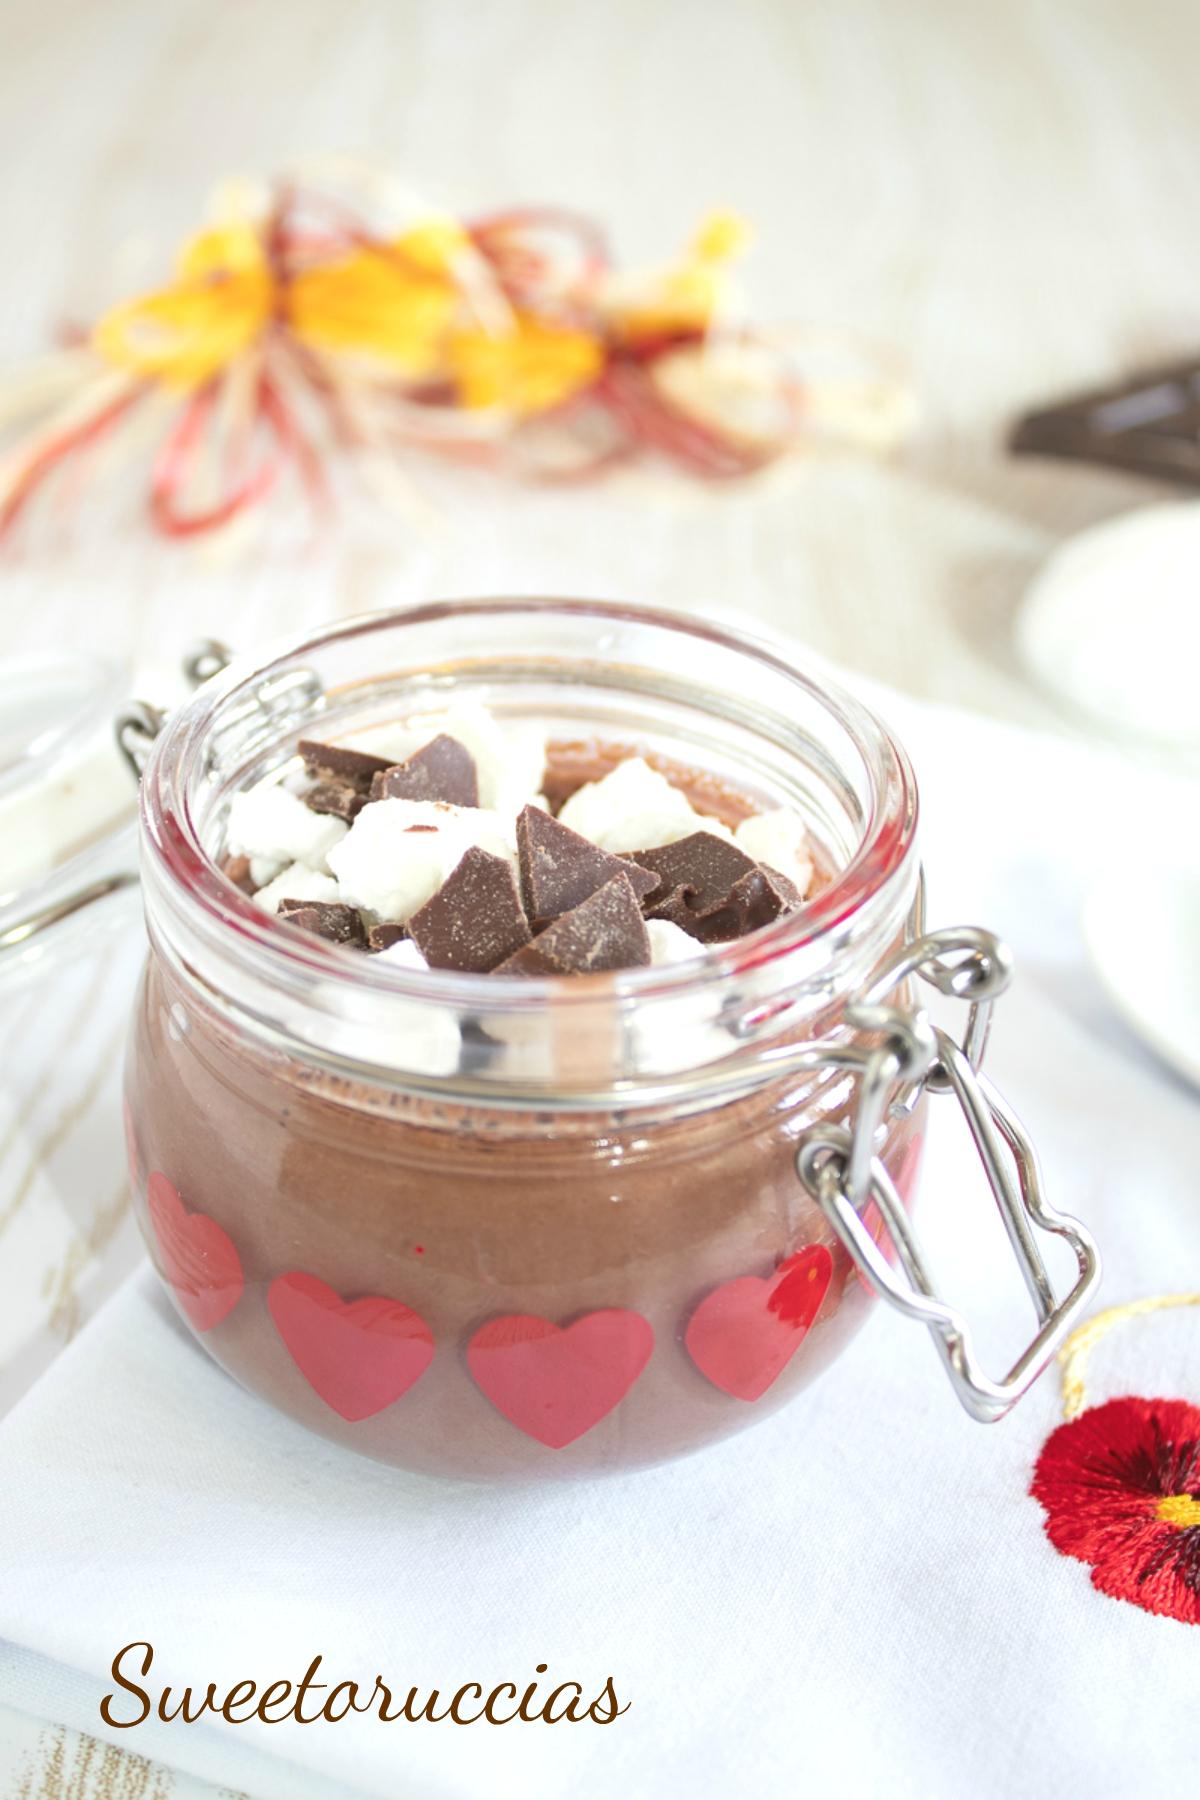 Budino al cioccolato fondente e meringhe